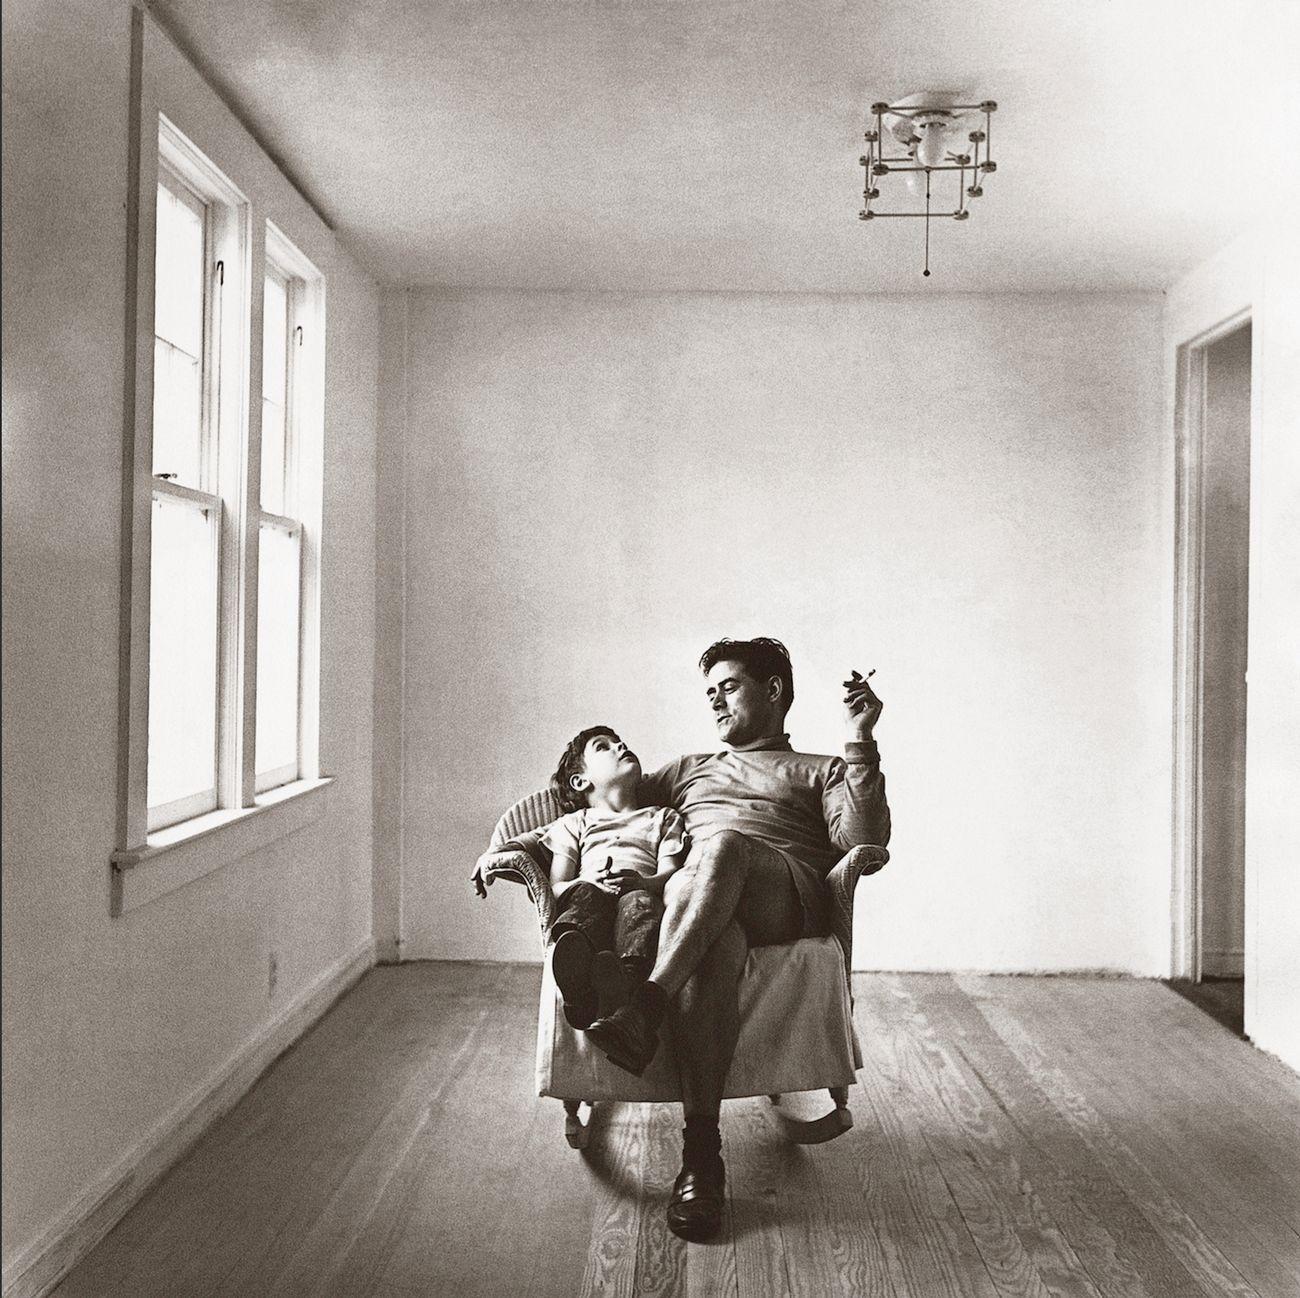 Costantino Nivola con Pietro, East Hampton, estate 1948. Photo Ben Schulz. Courtesy Fondazione Nivola